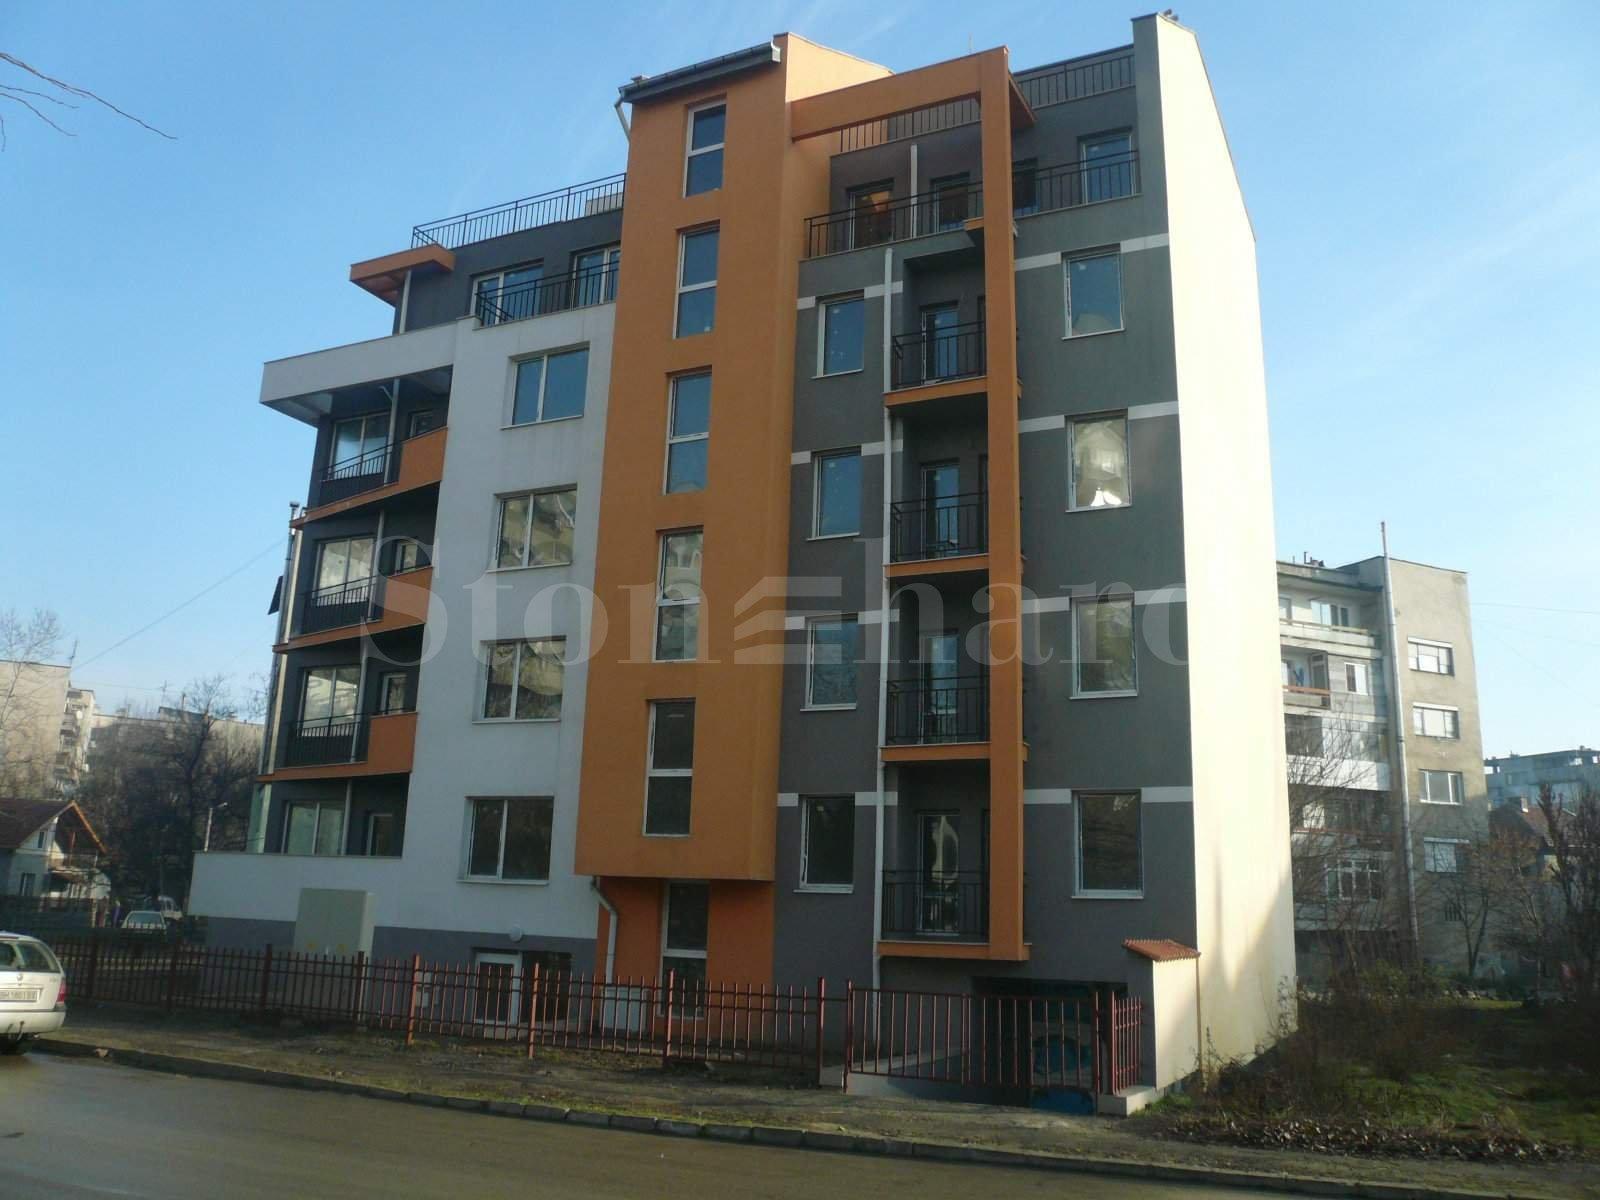 Апартаменти в модерна сграда в спокоен квартал2 - Stonehard